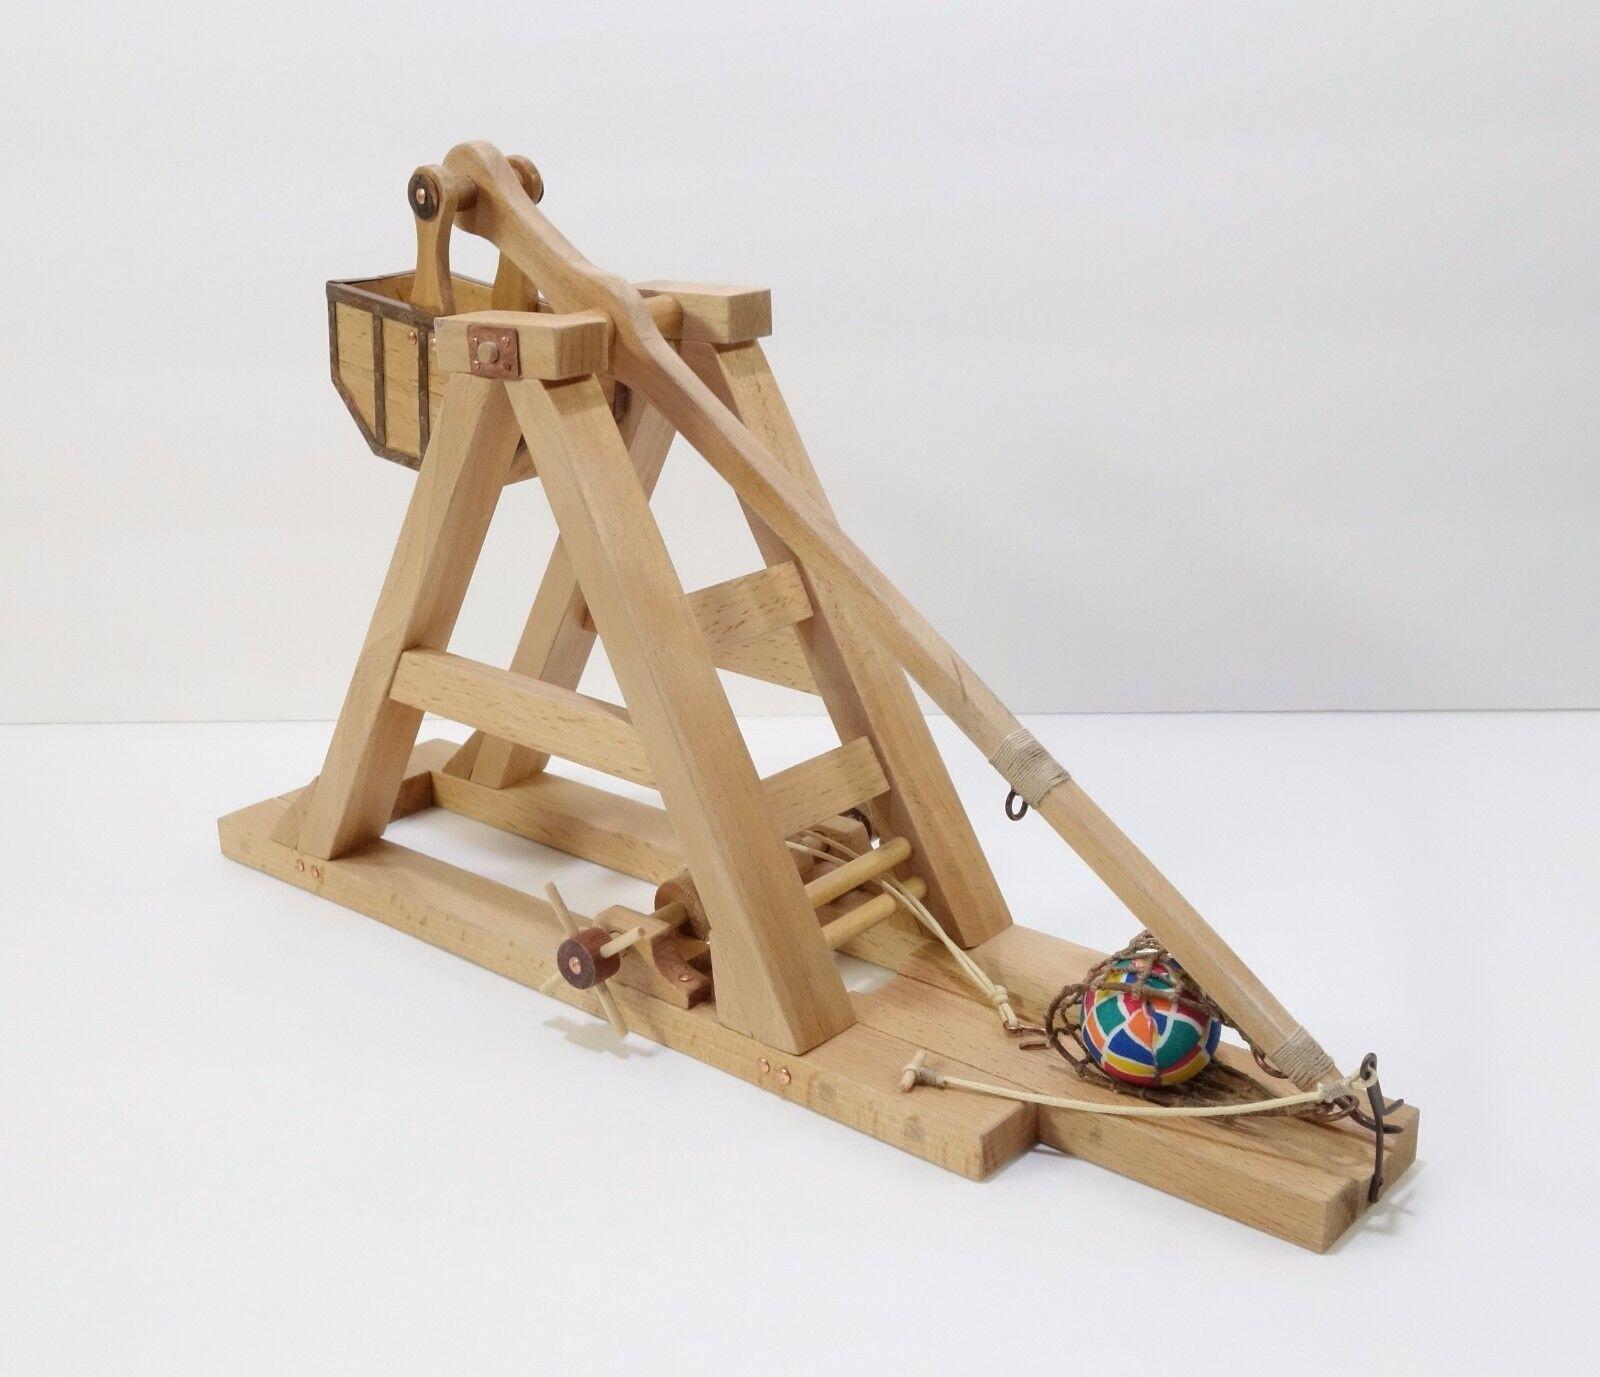 Buchenholz, die mittelalterlichen katapult katapult modell handgefertigte neue